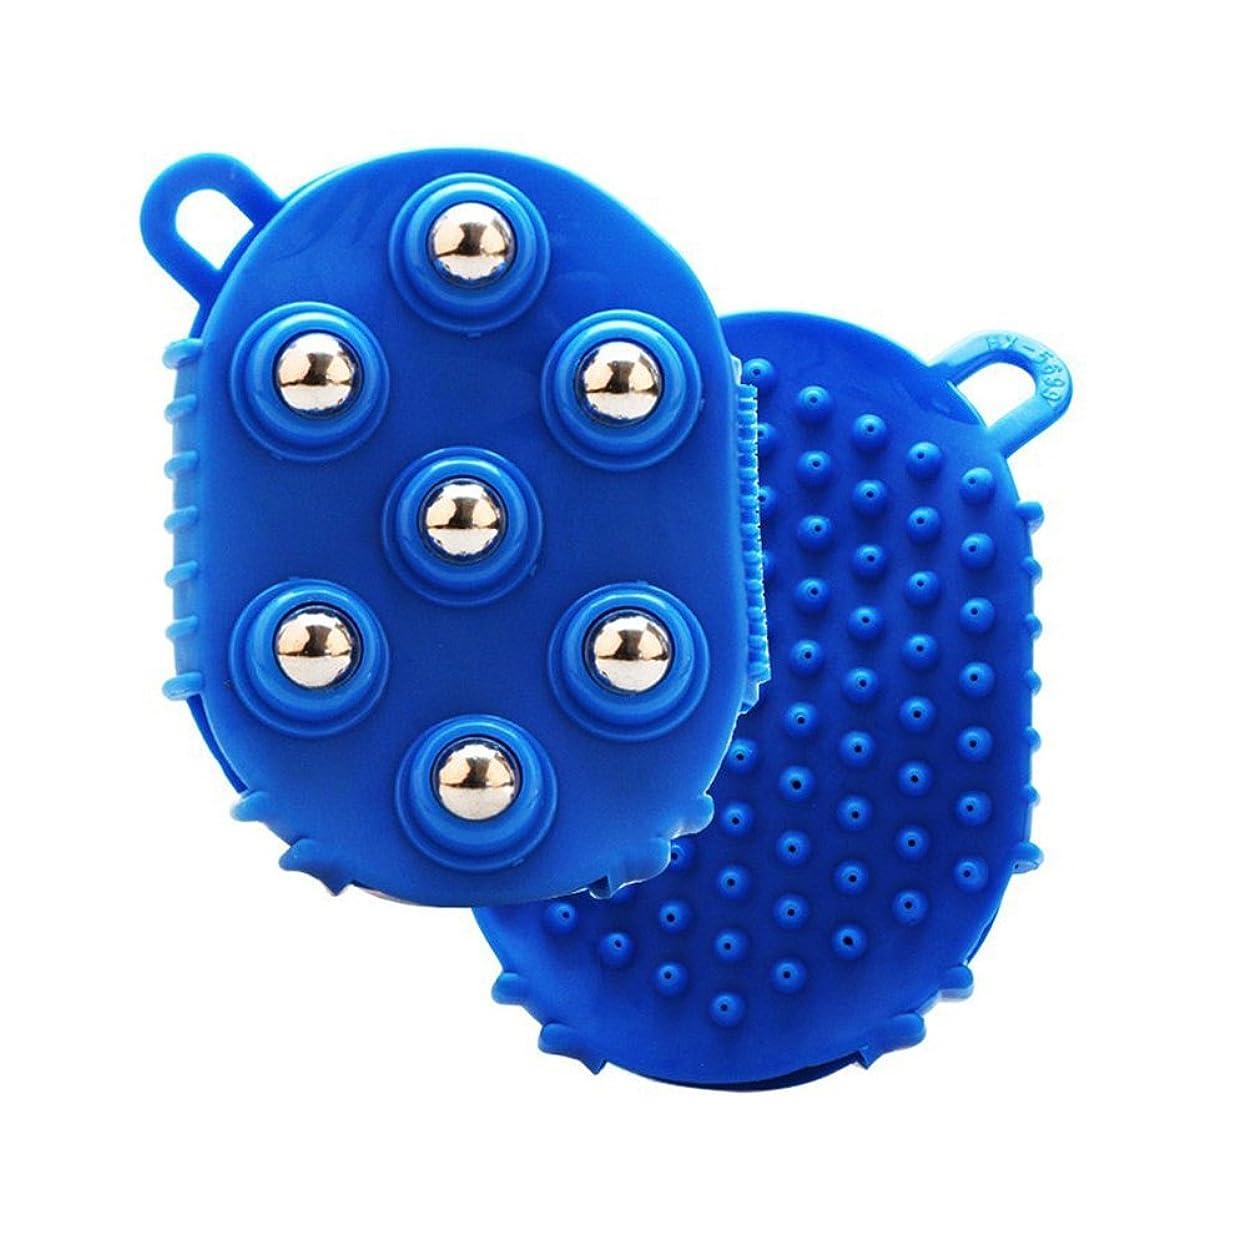 排出境界高齢者ULTNICE マッサージブラシ グローブバスブラシ 金属ローリングボール 痛みの筋肉の痛みを軽減する(青)